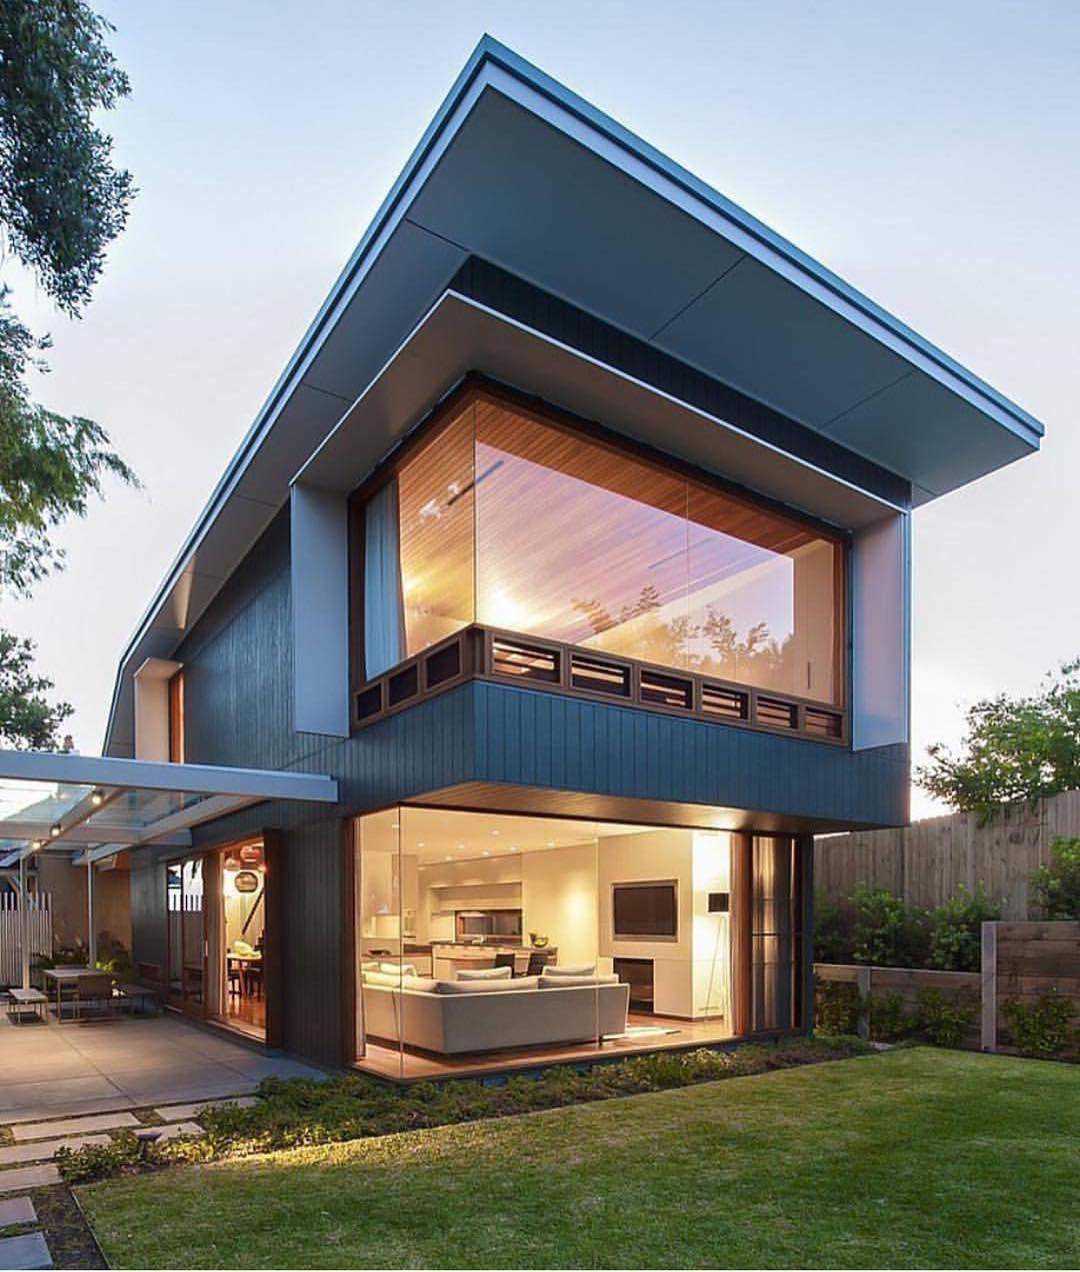 Luxury Homes Around The World Arsitektur Arsitektur Modern Arsitektur Rumah